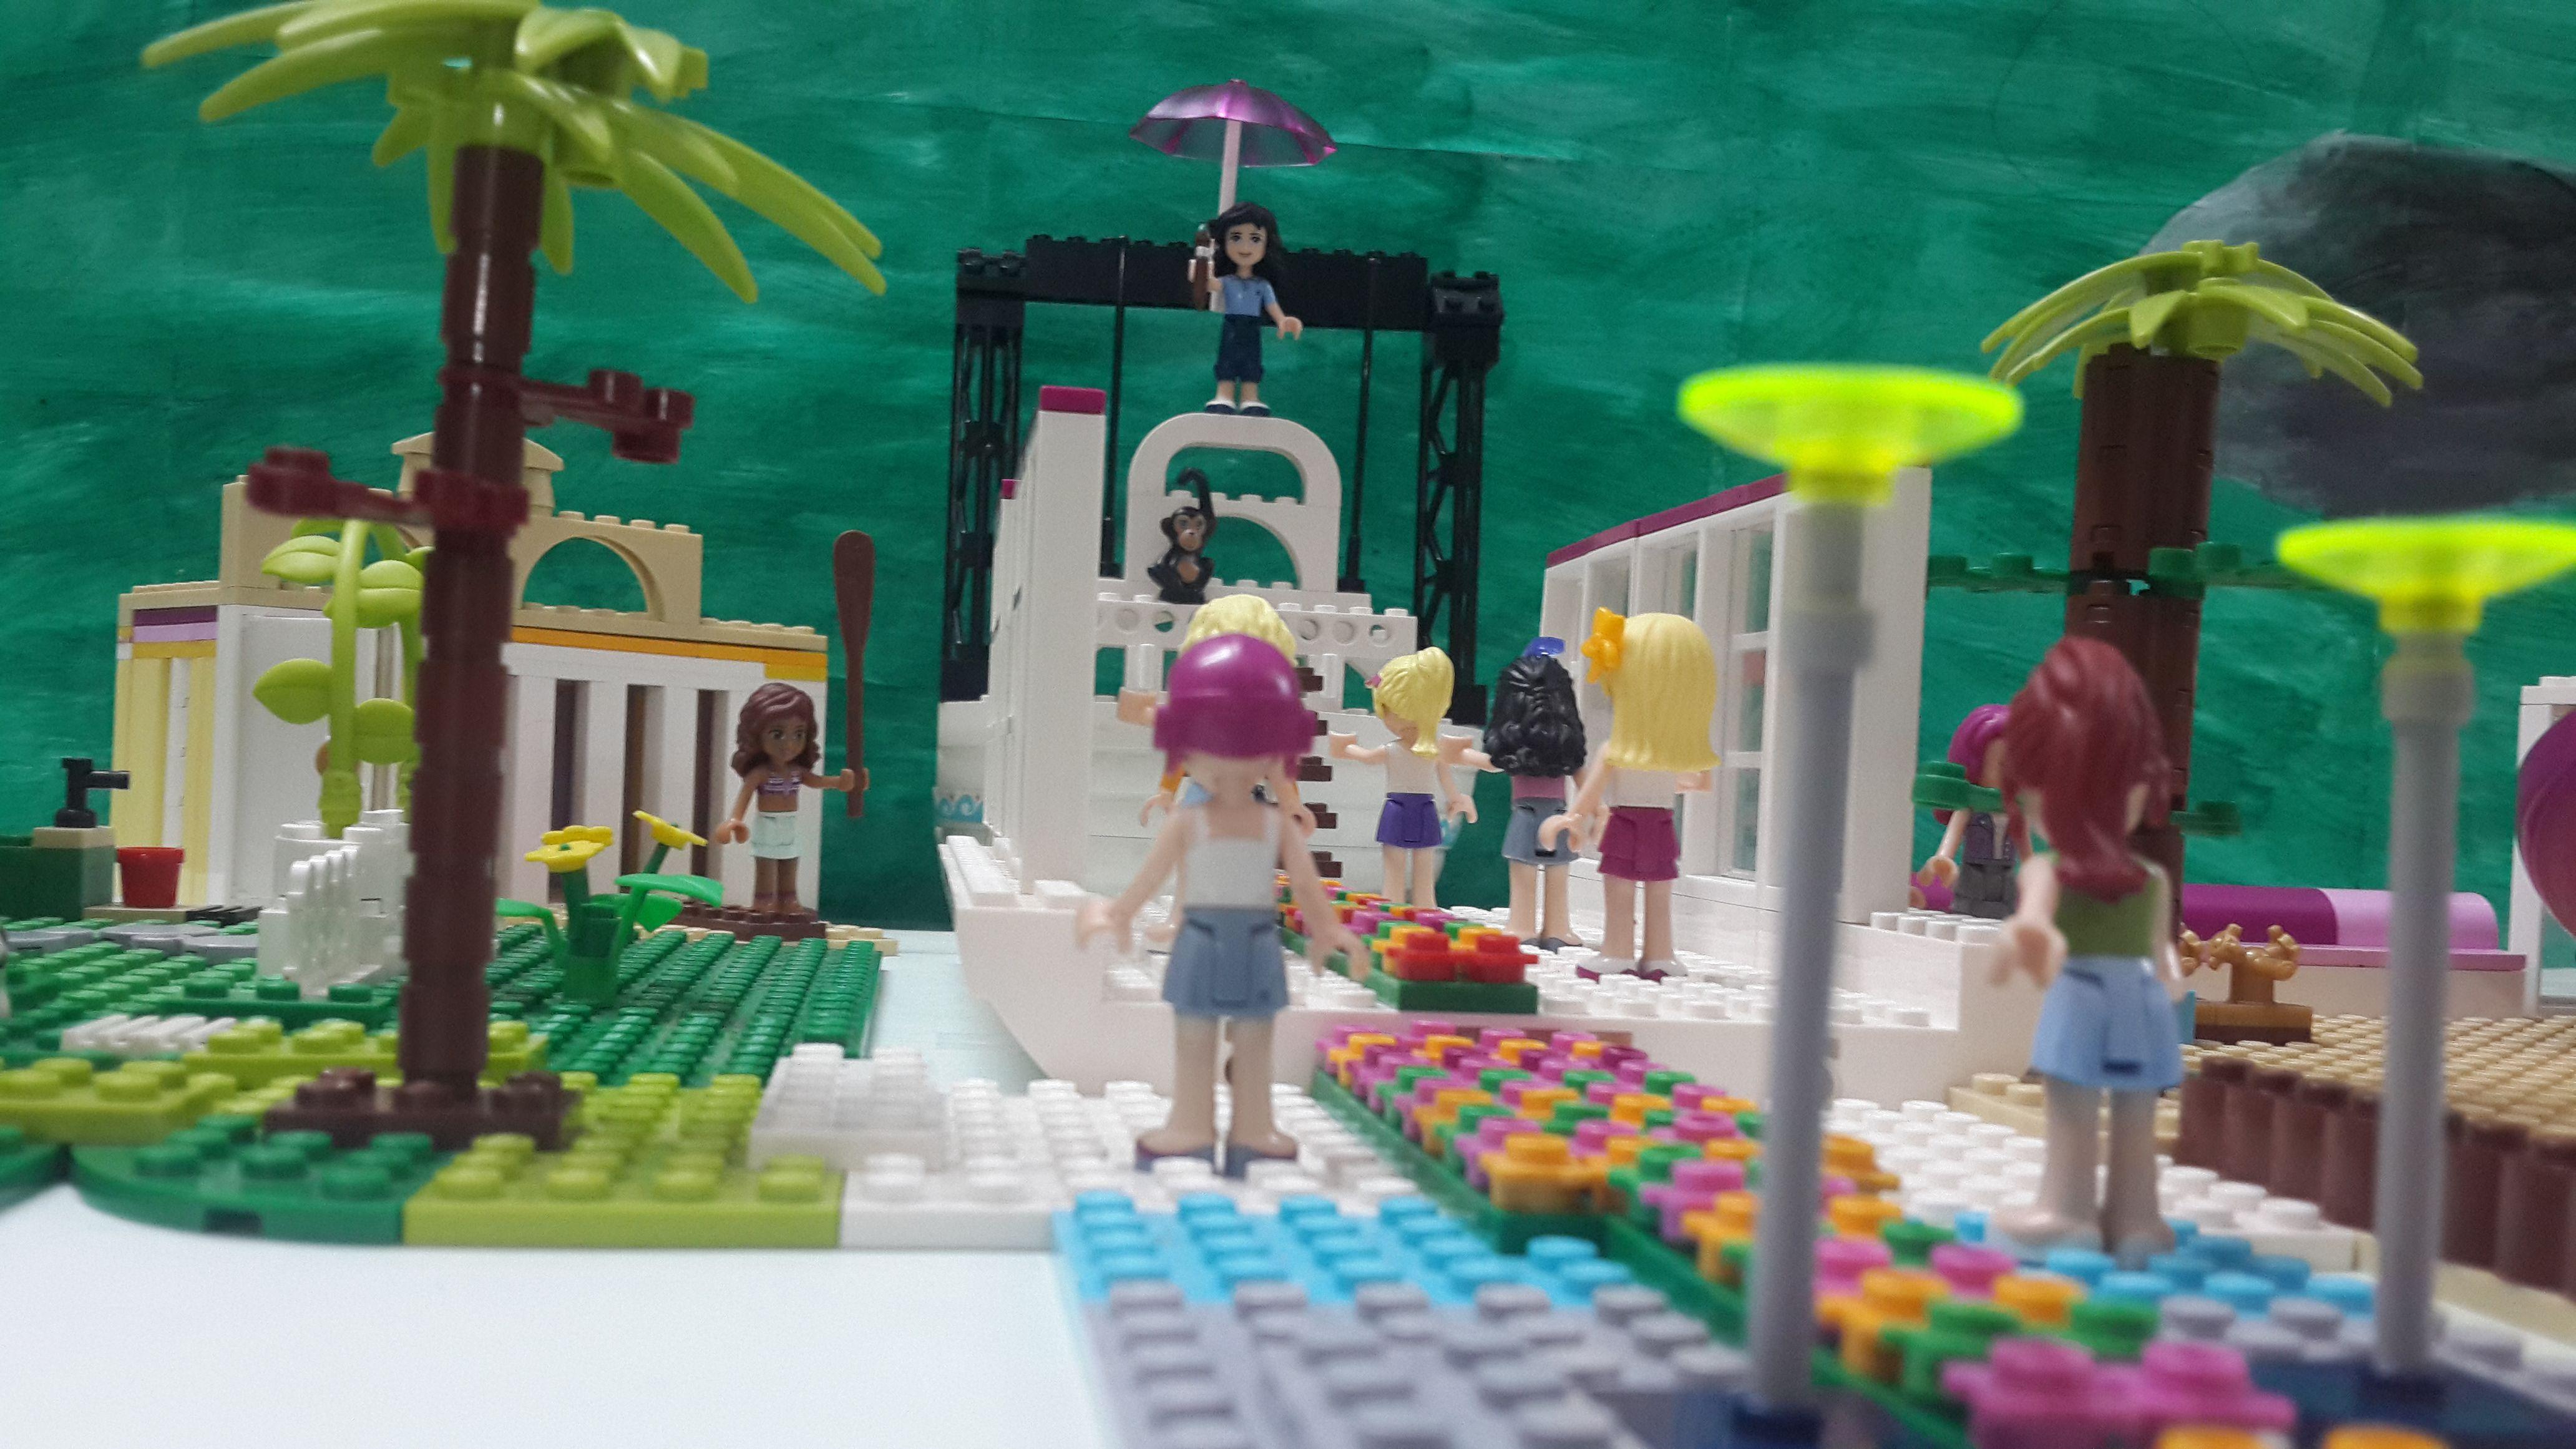 The scene of lord. Lego Krishna